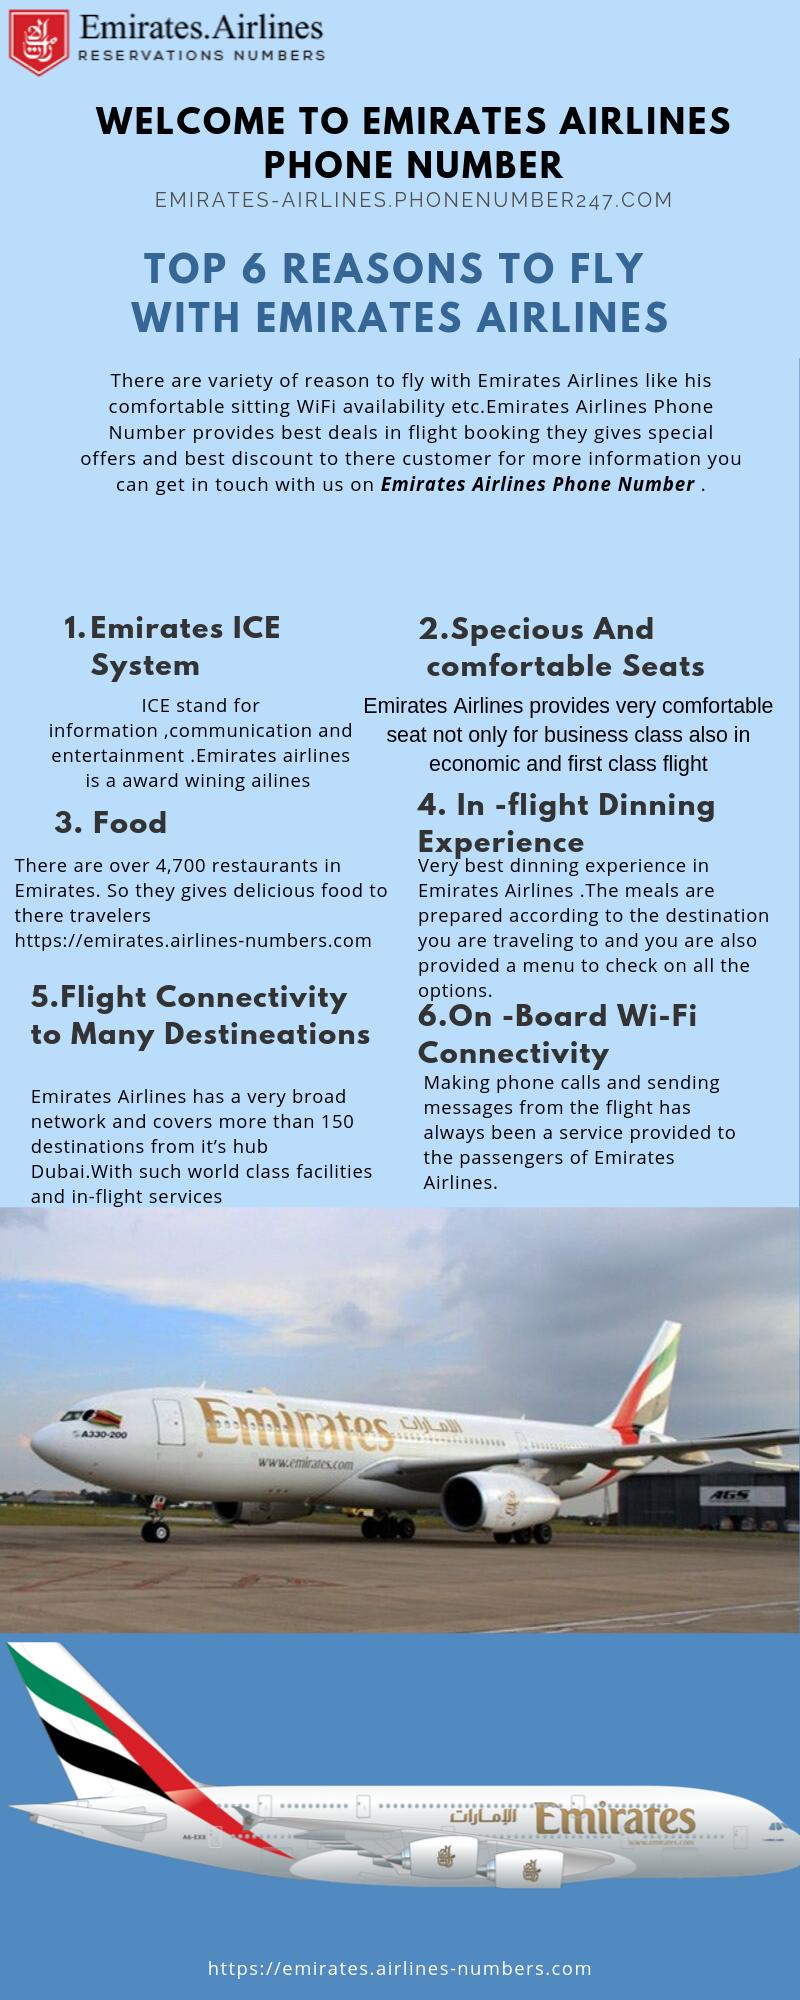 Найти билет на самолет эмирейтс купить авиабилет до эйлата израиль